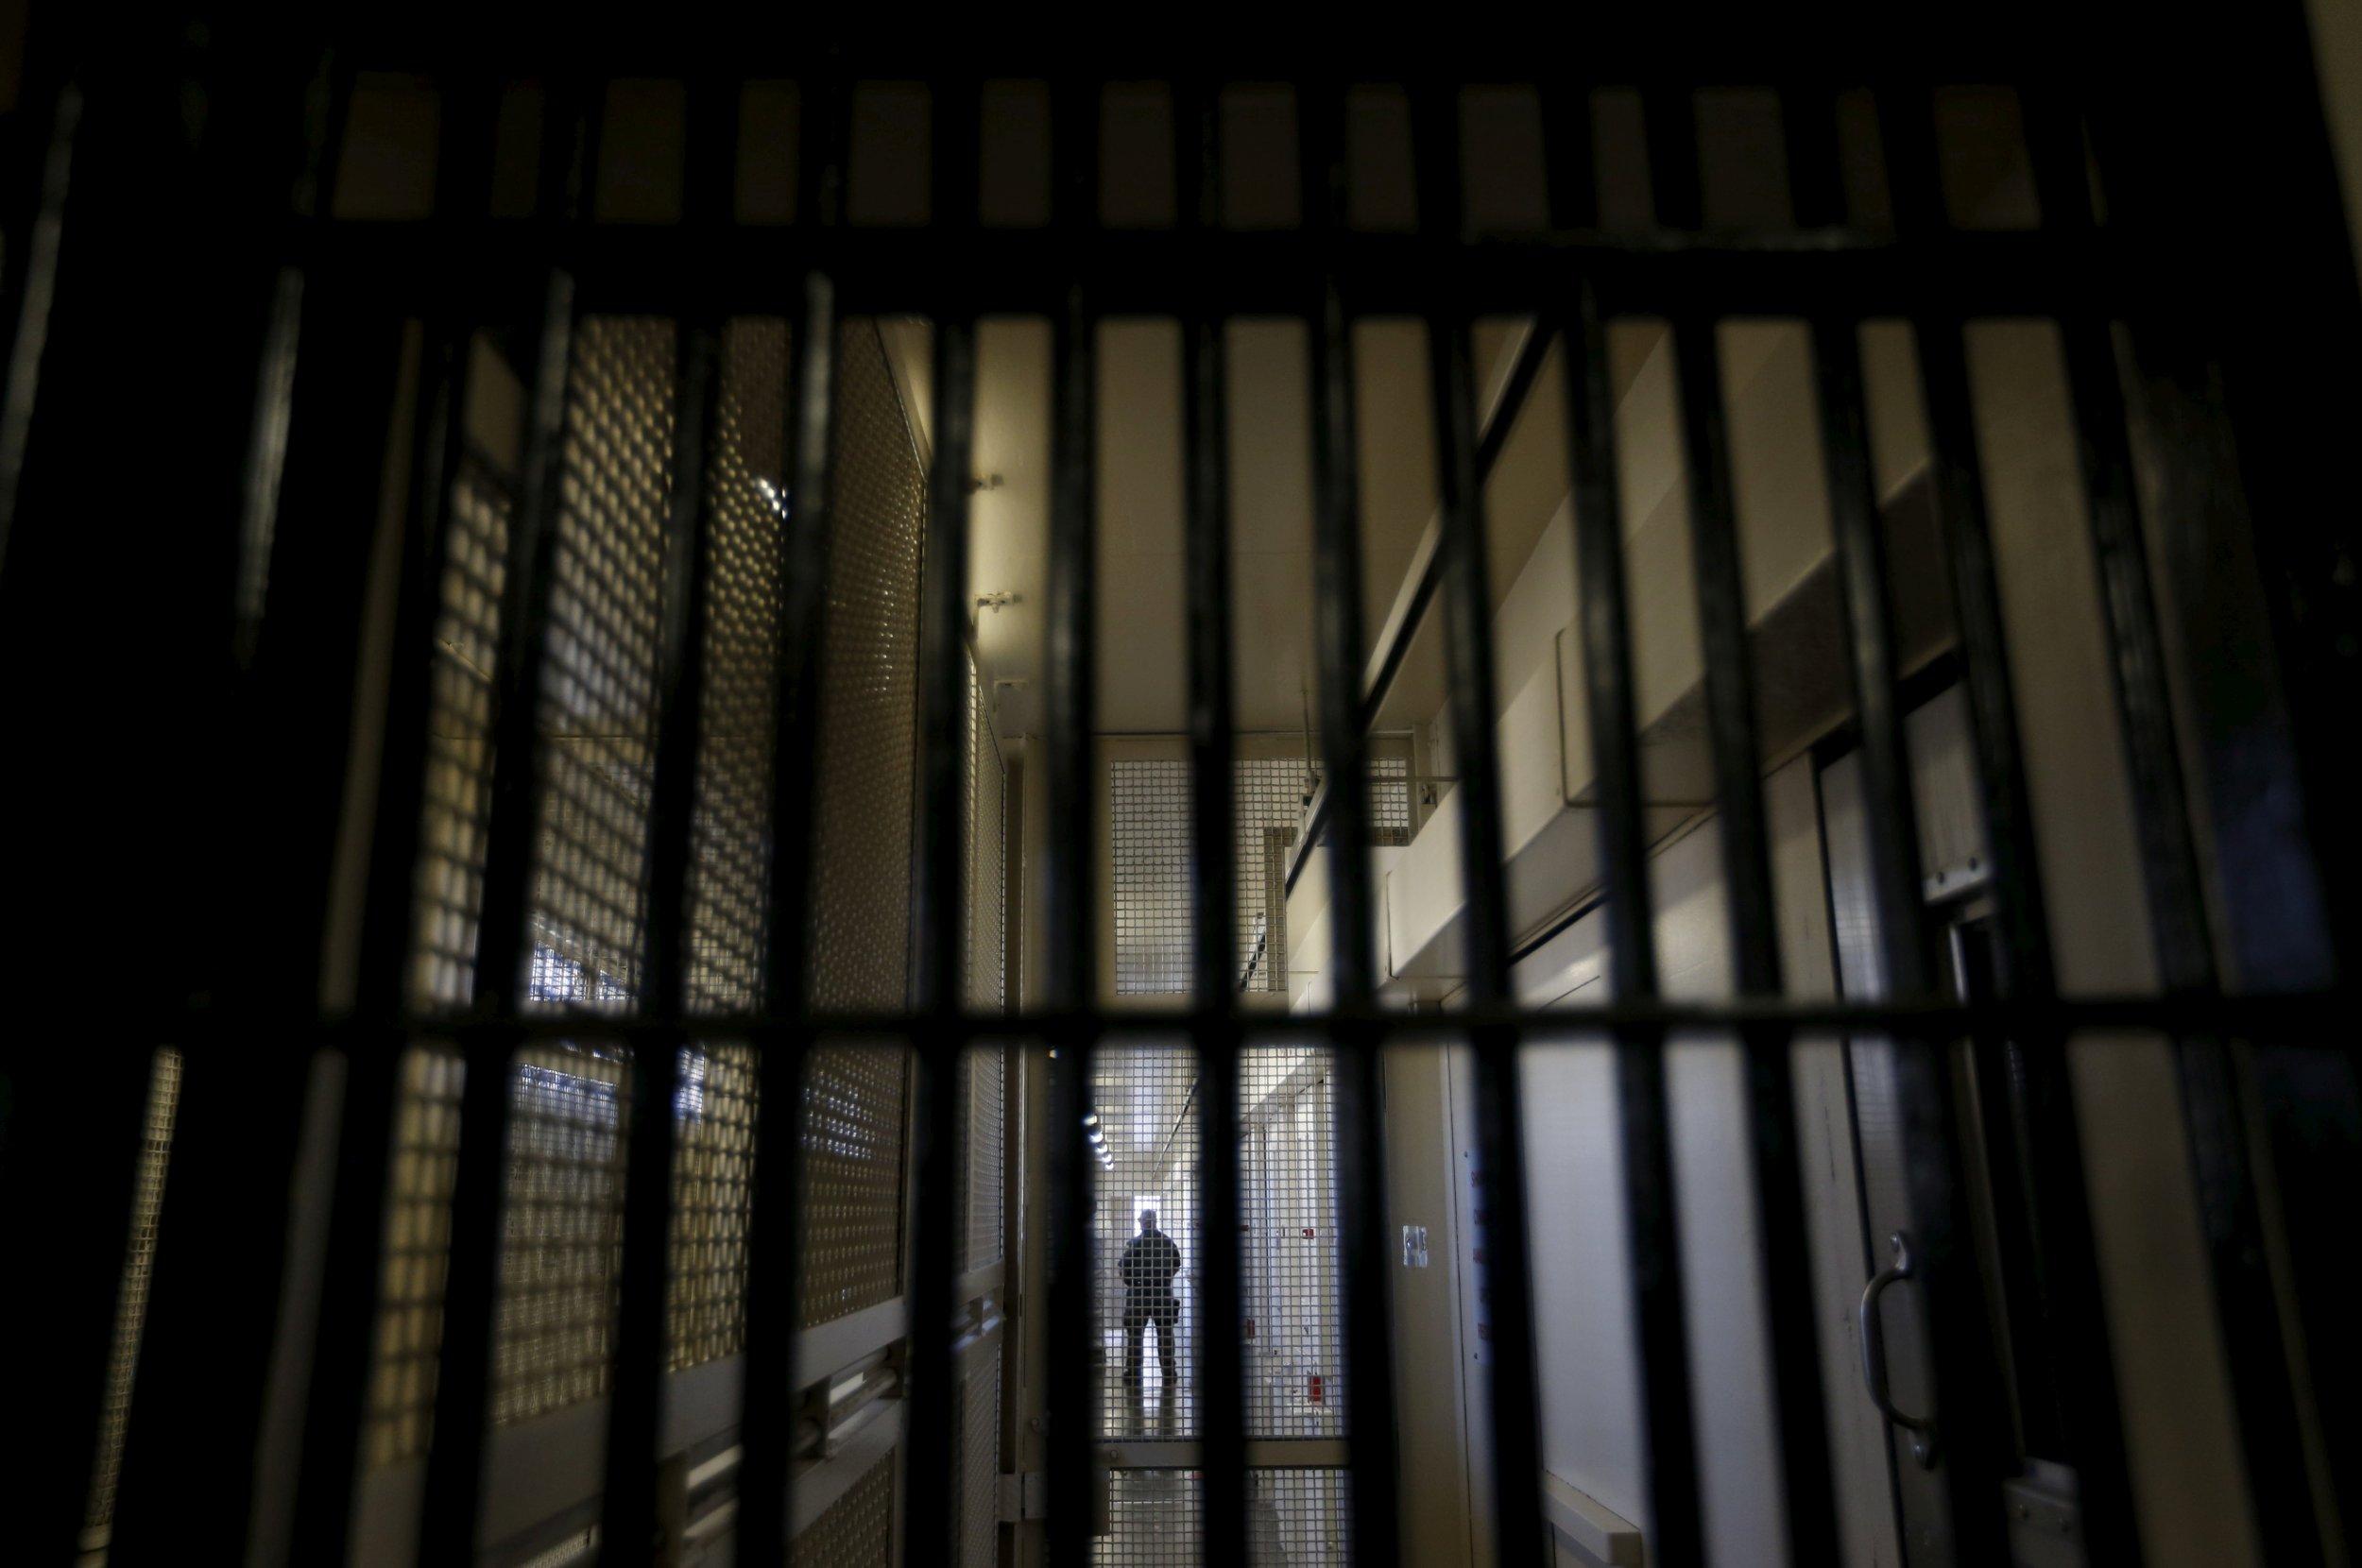 01_02_brazil_prison_riot_01